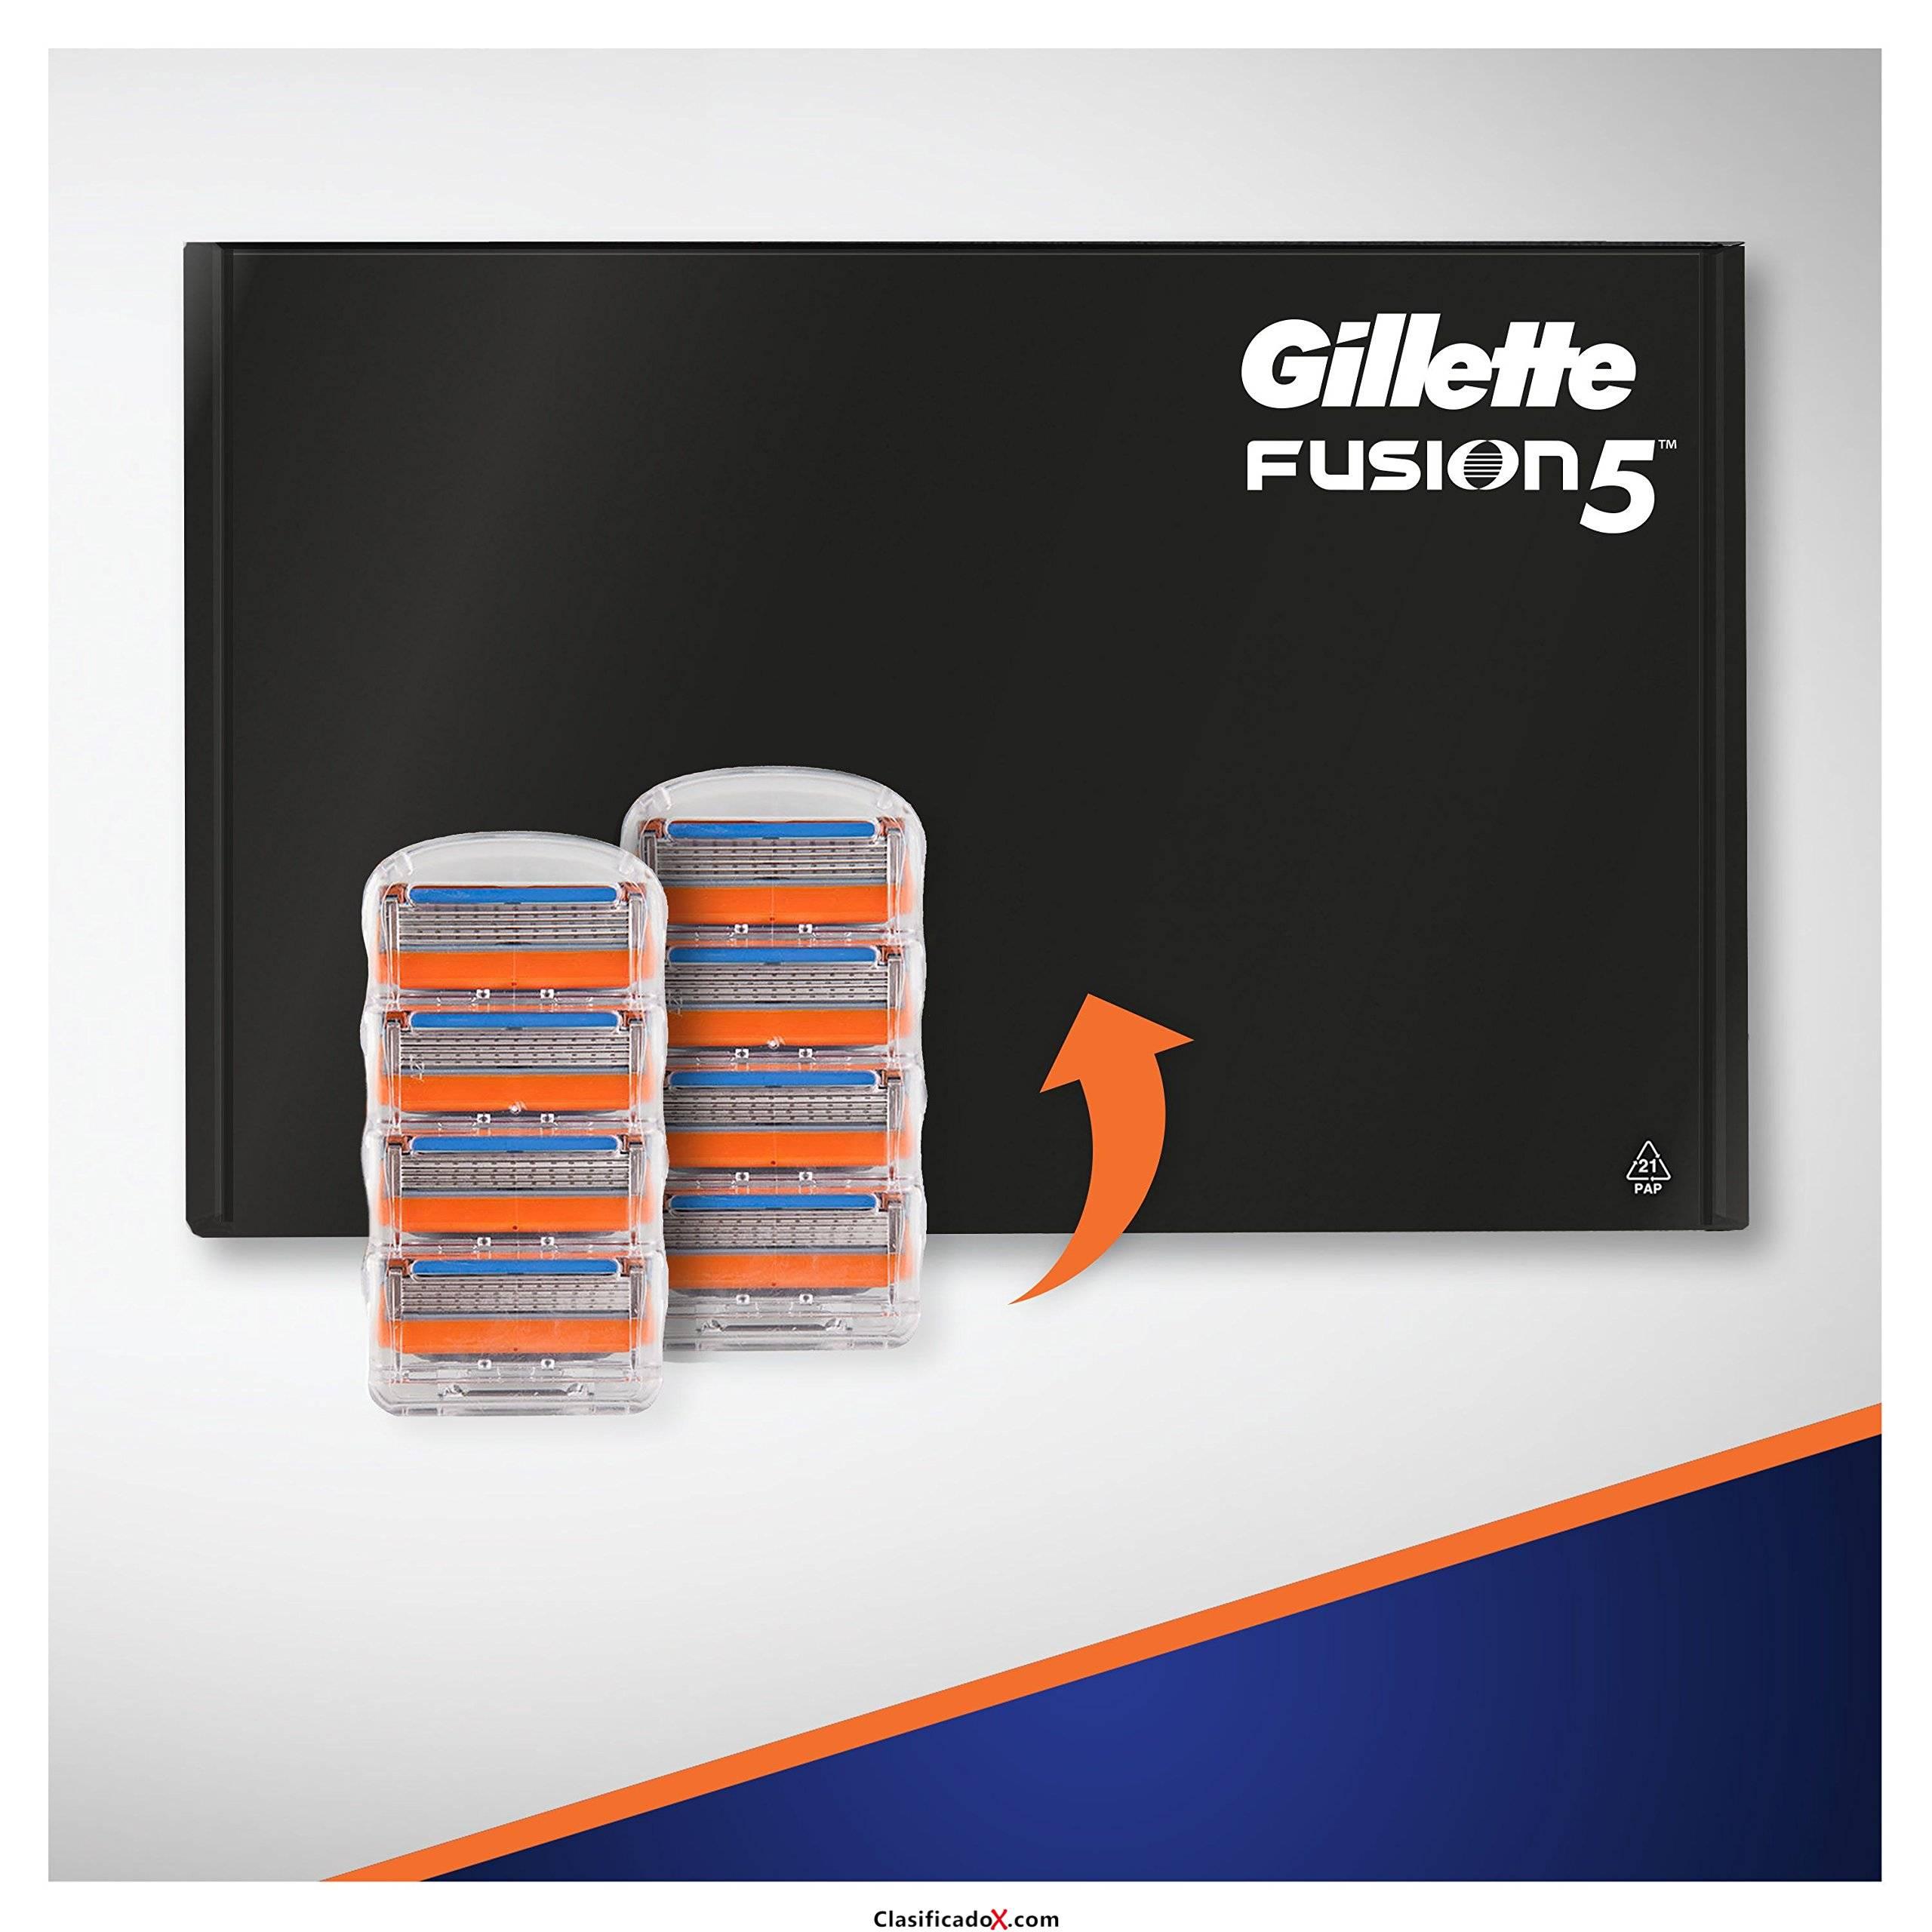 Gillette Fusion5 - Cuchillas de recambio para maquinilla de afeitar Gillette para hombre, paquete apto para el buzón de correos - 16 recambios. Envíos a Alacant